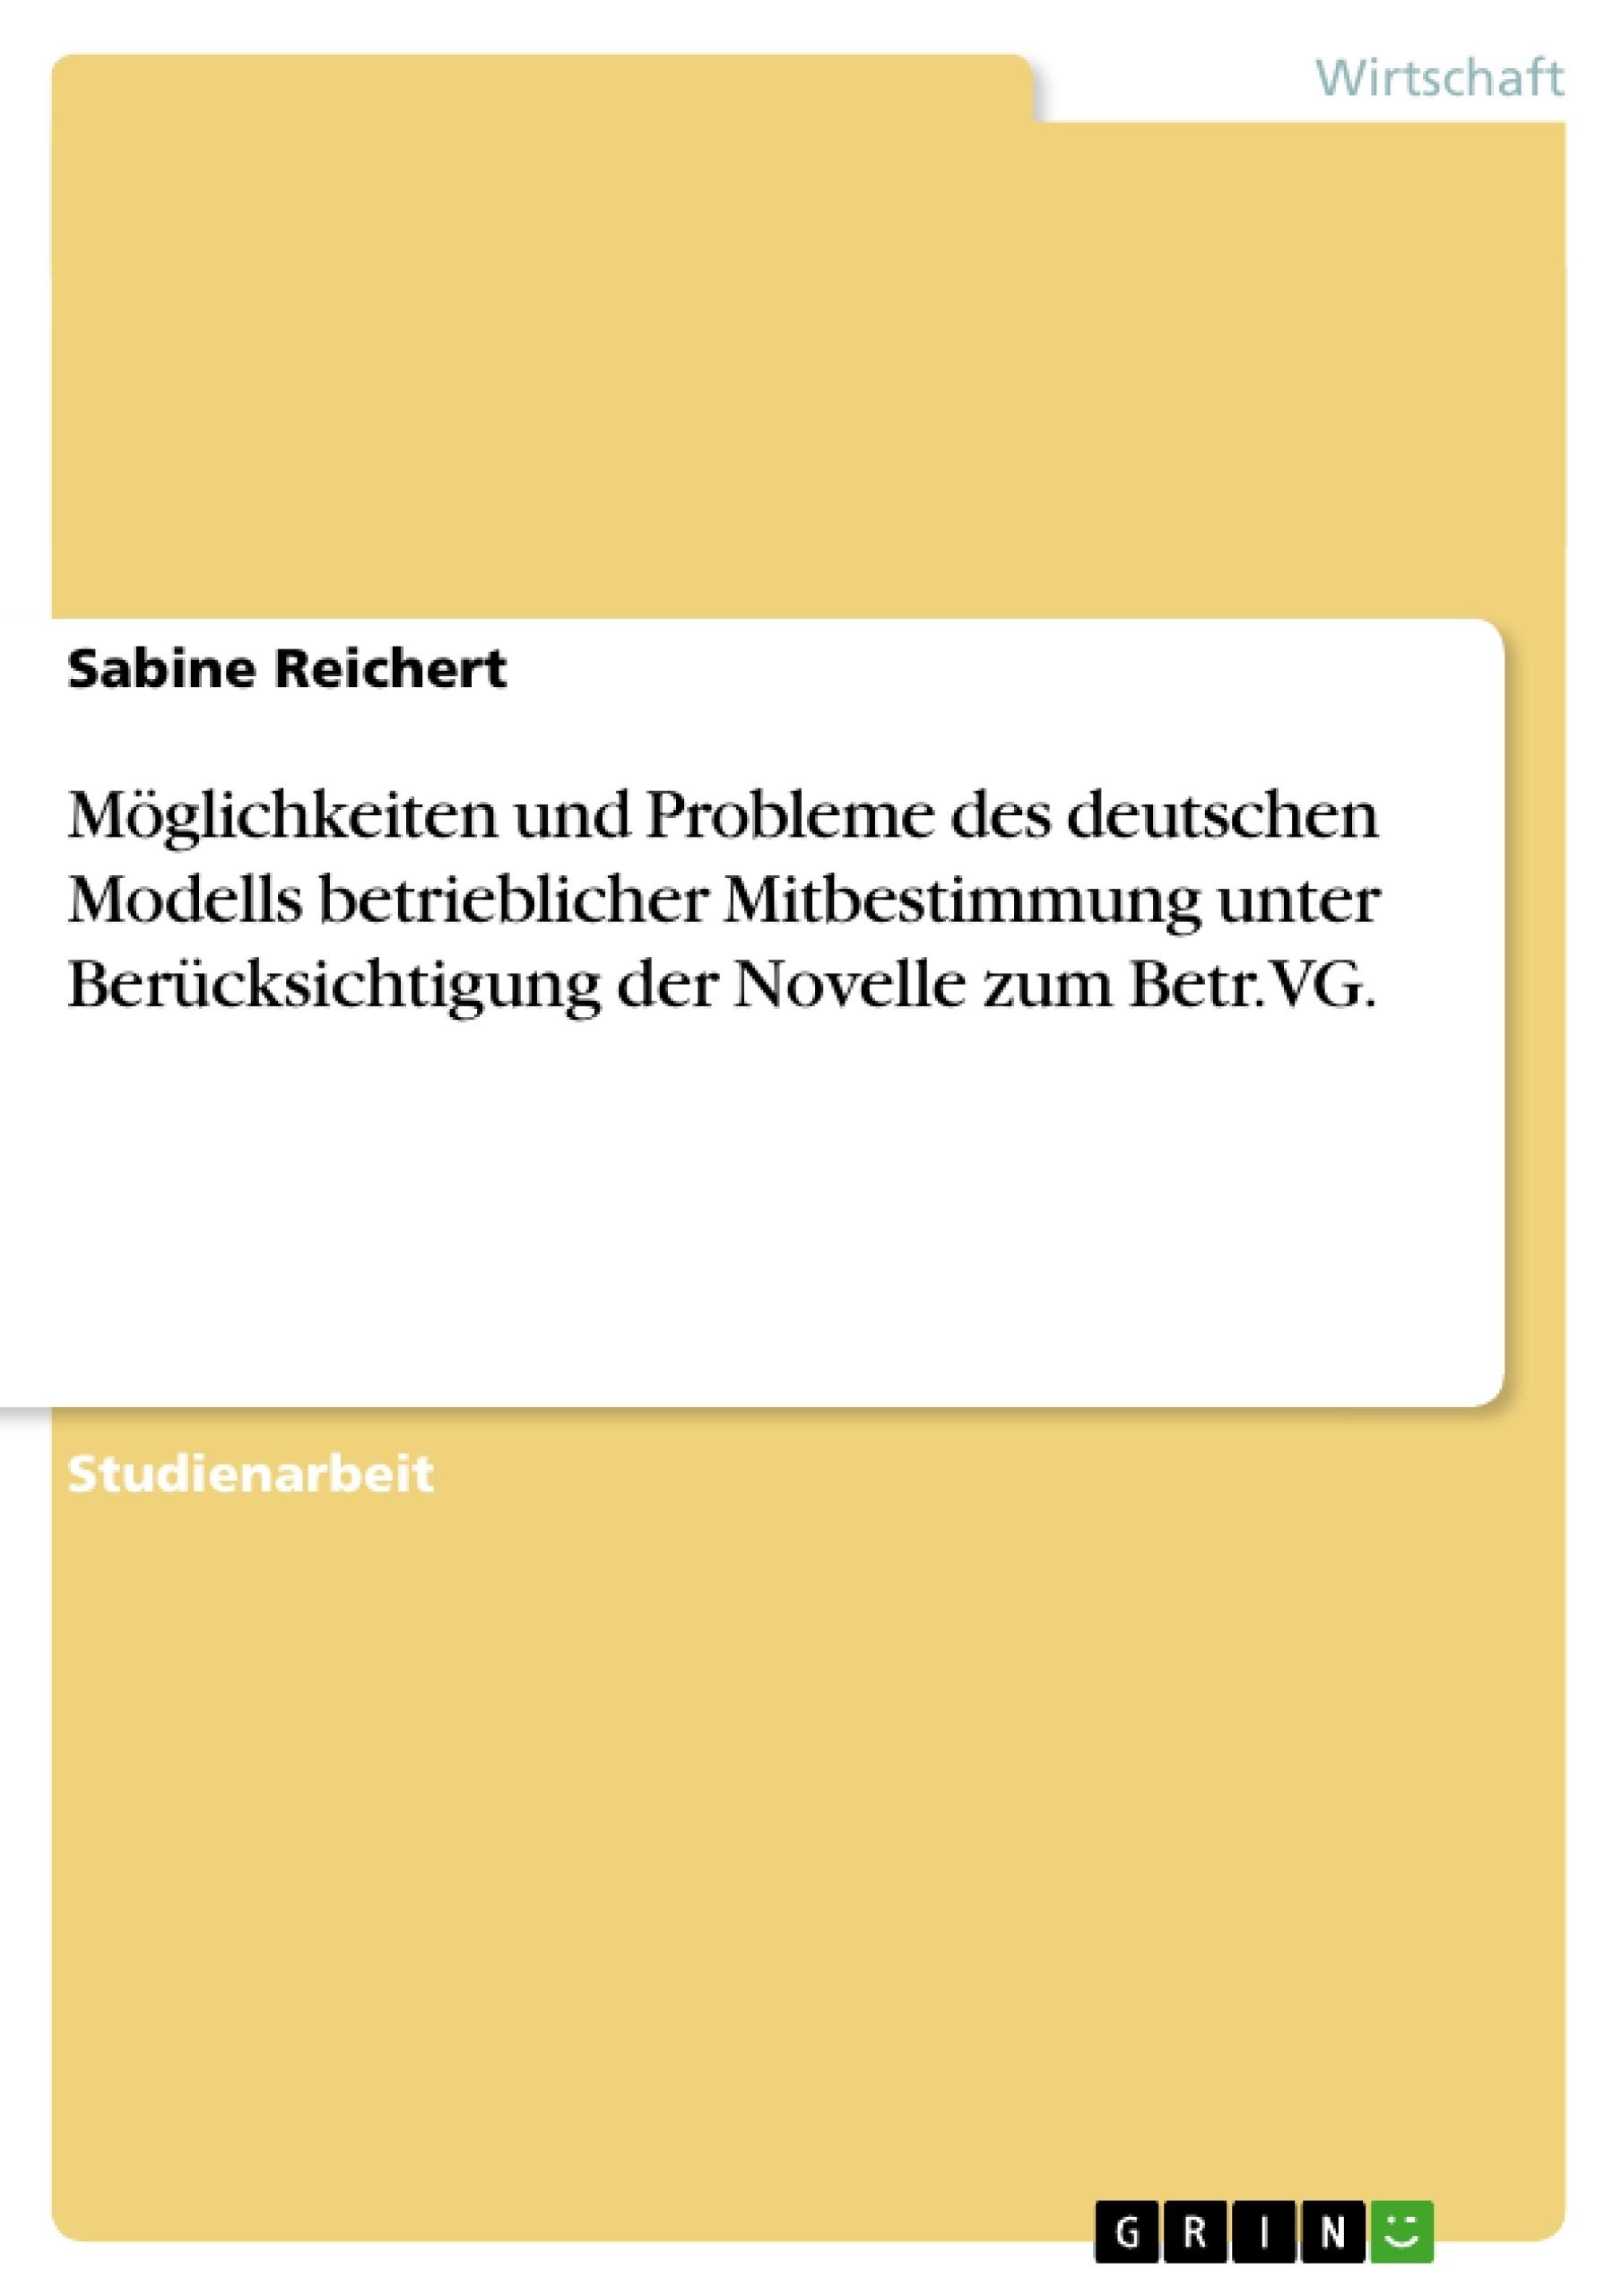 Titel: Möglichkeiten und Probleme des deutschen Modells betrieblicher Mitbestimmung unter Berücksichtigung der Novelle zum Betr.VG.